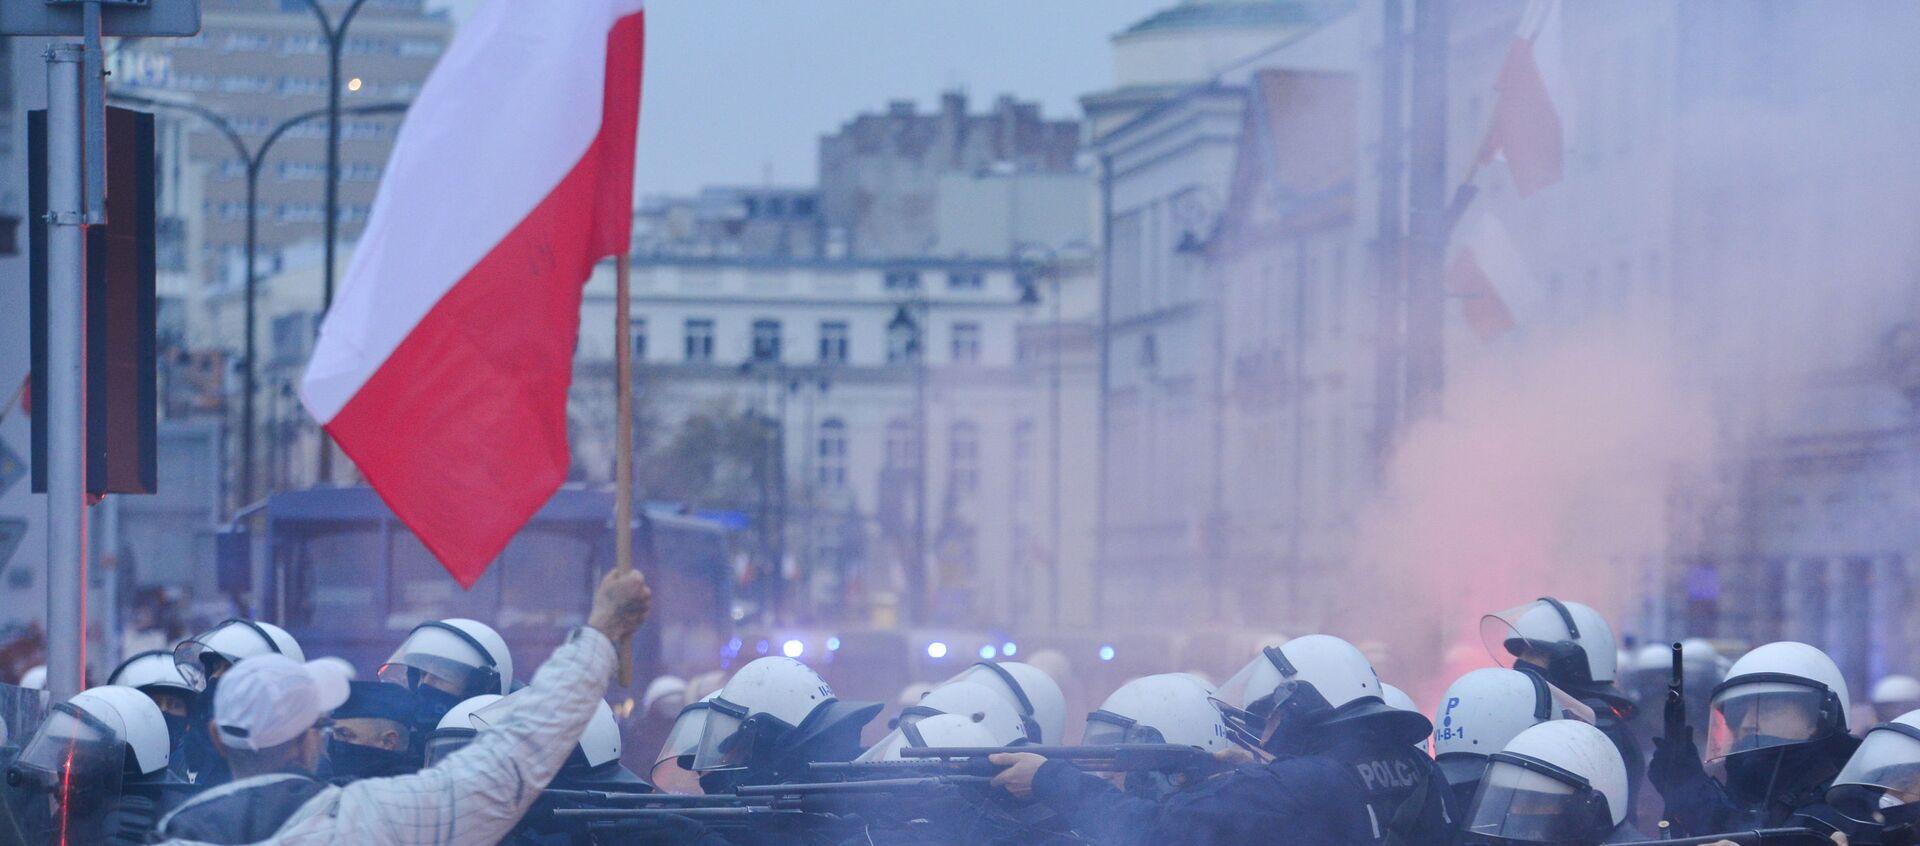 Marsz Niepodległości w Warszawie, 2020 - Sputnik Polska, 1920, 22.01.2021